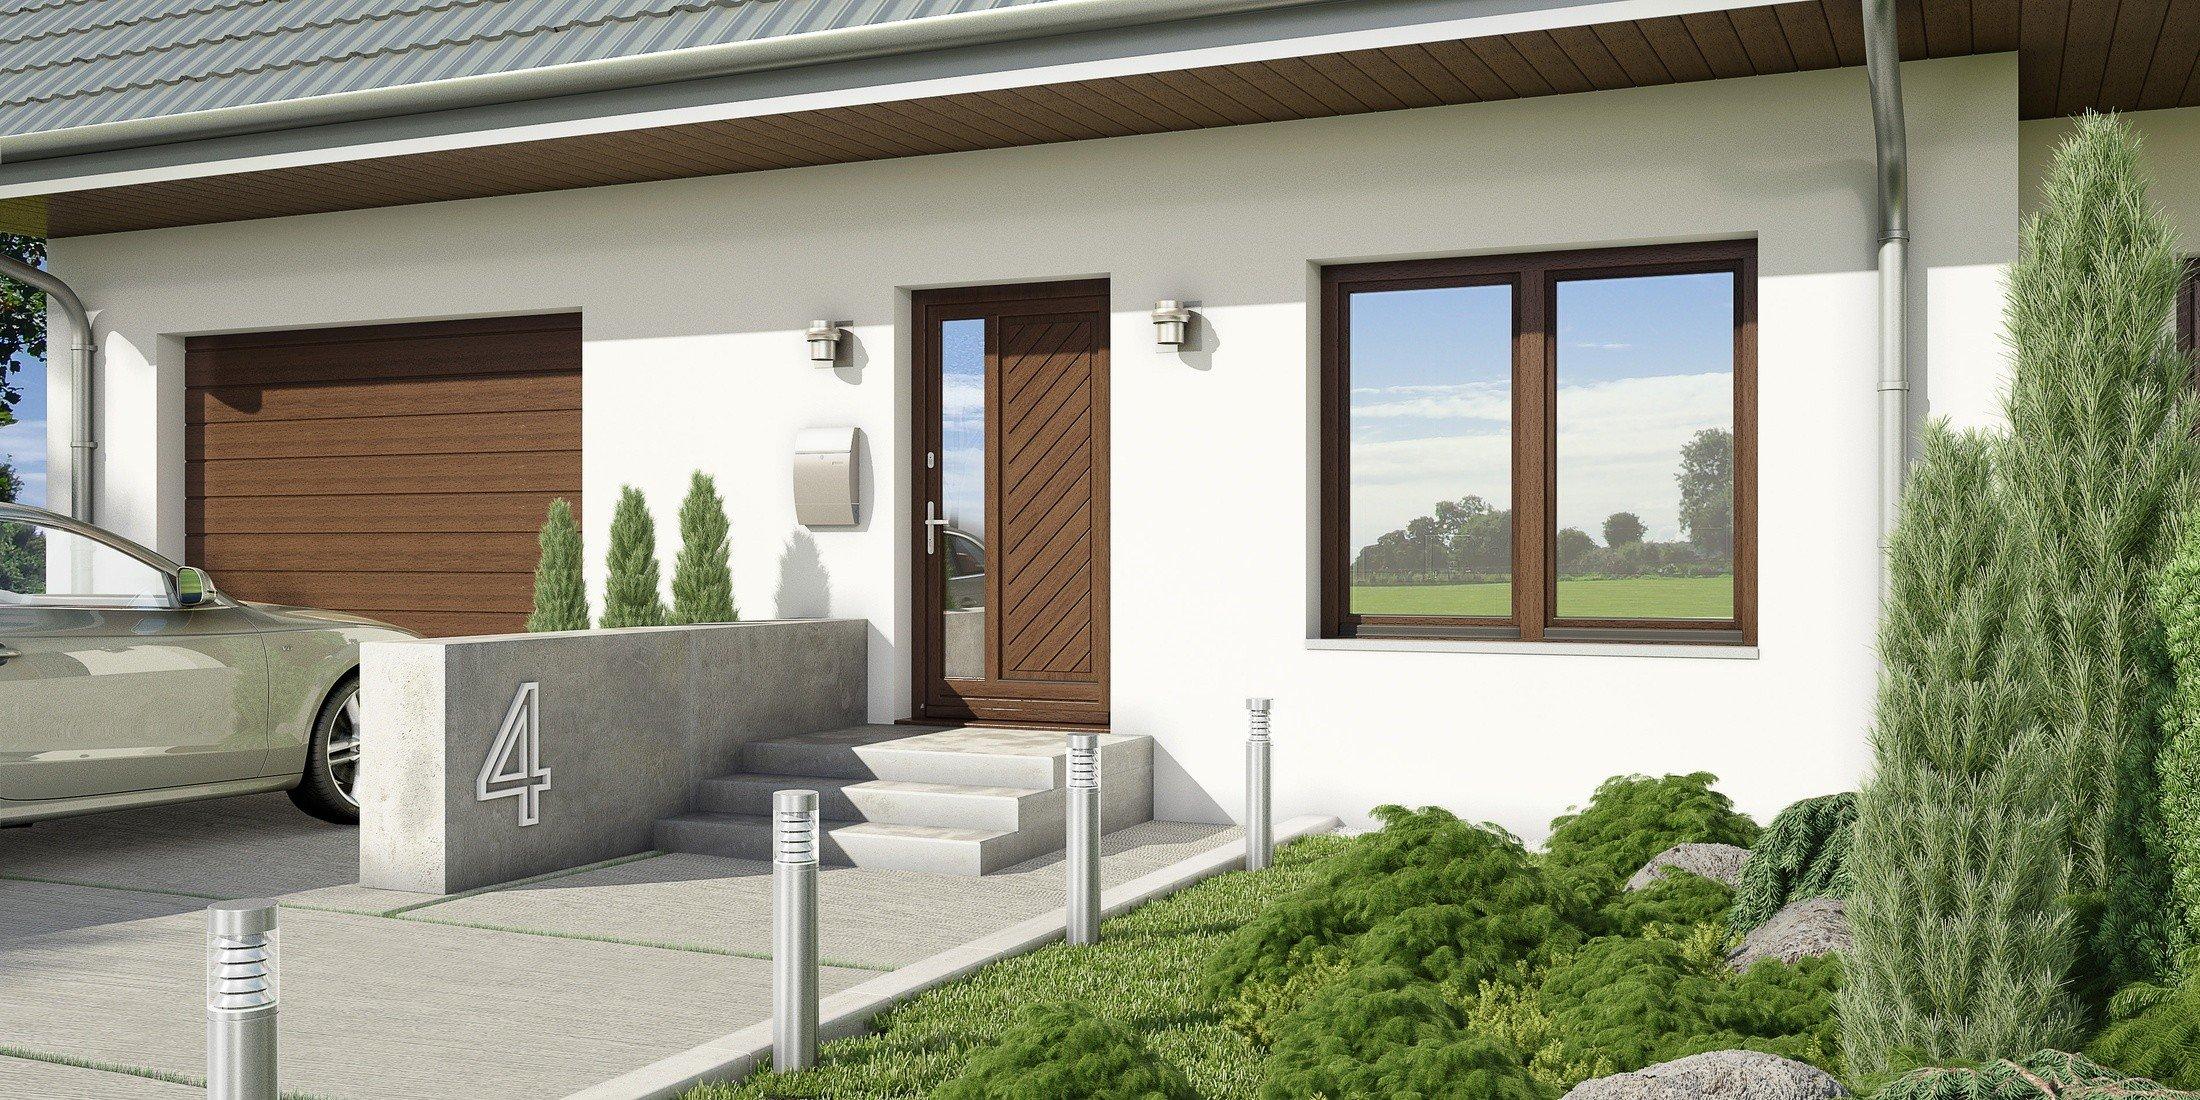 Minőségi fa ablak - Borovi fenyőfa ablak